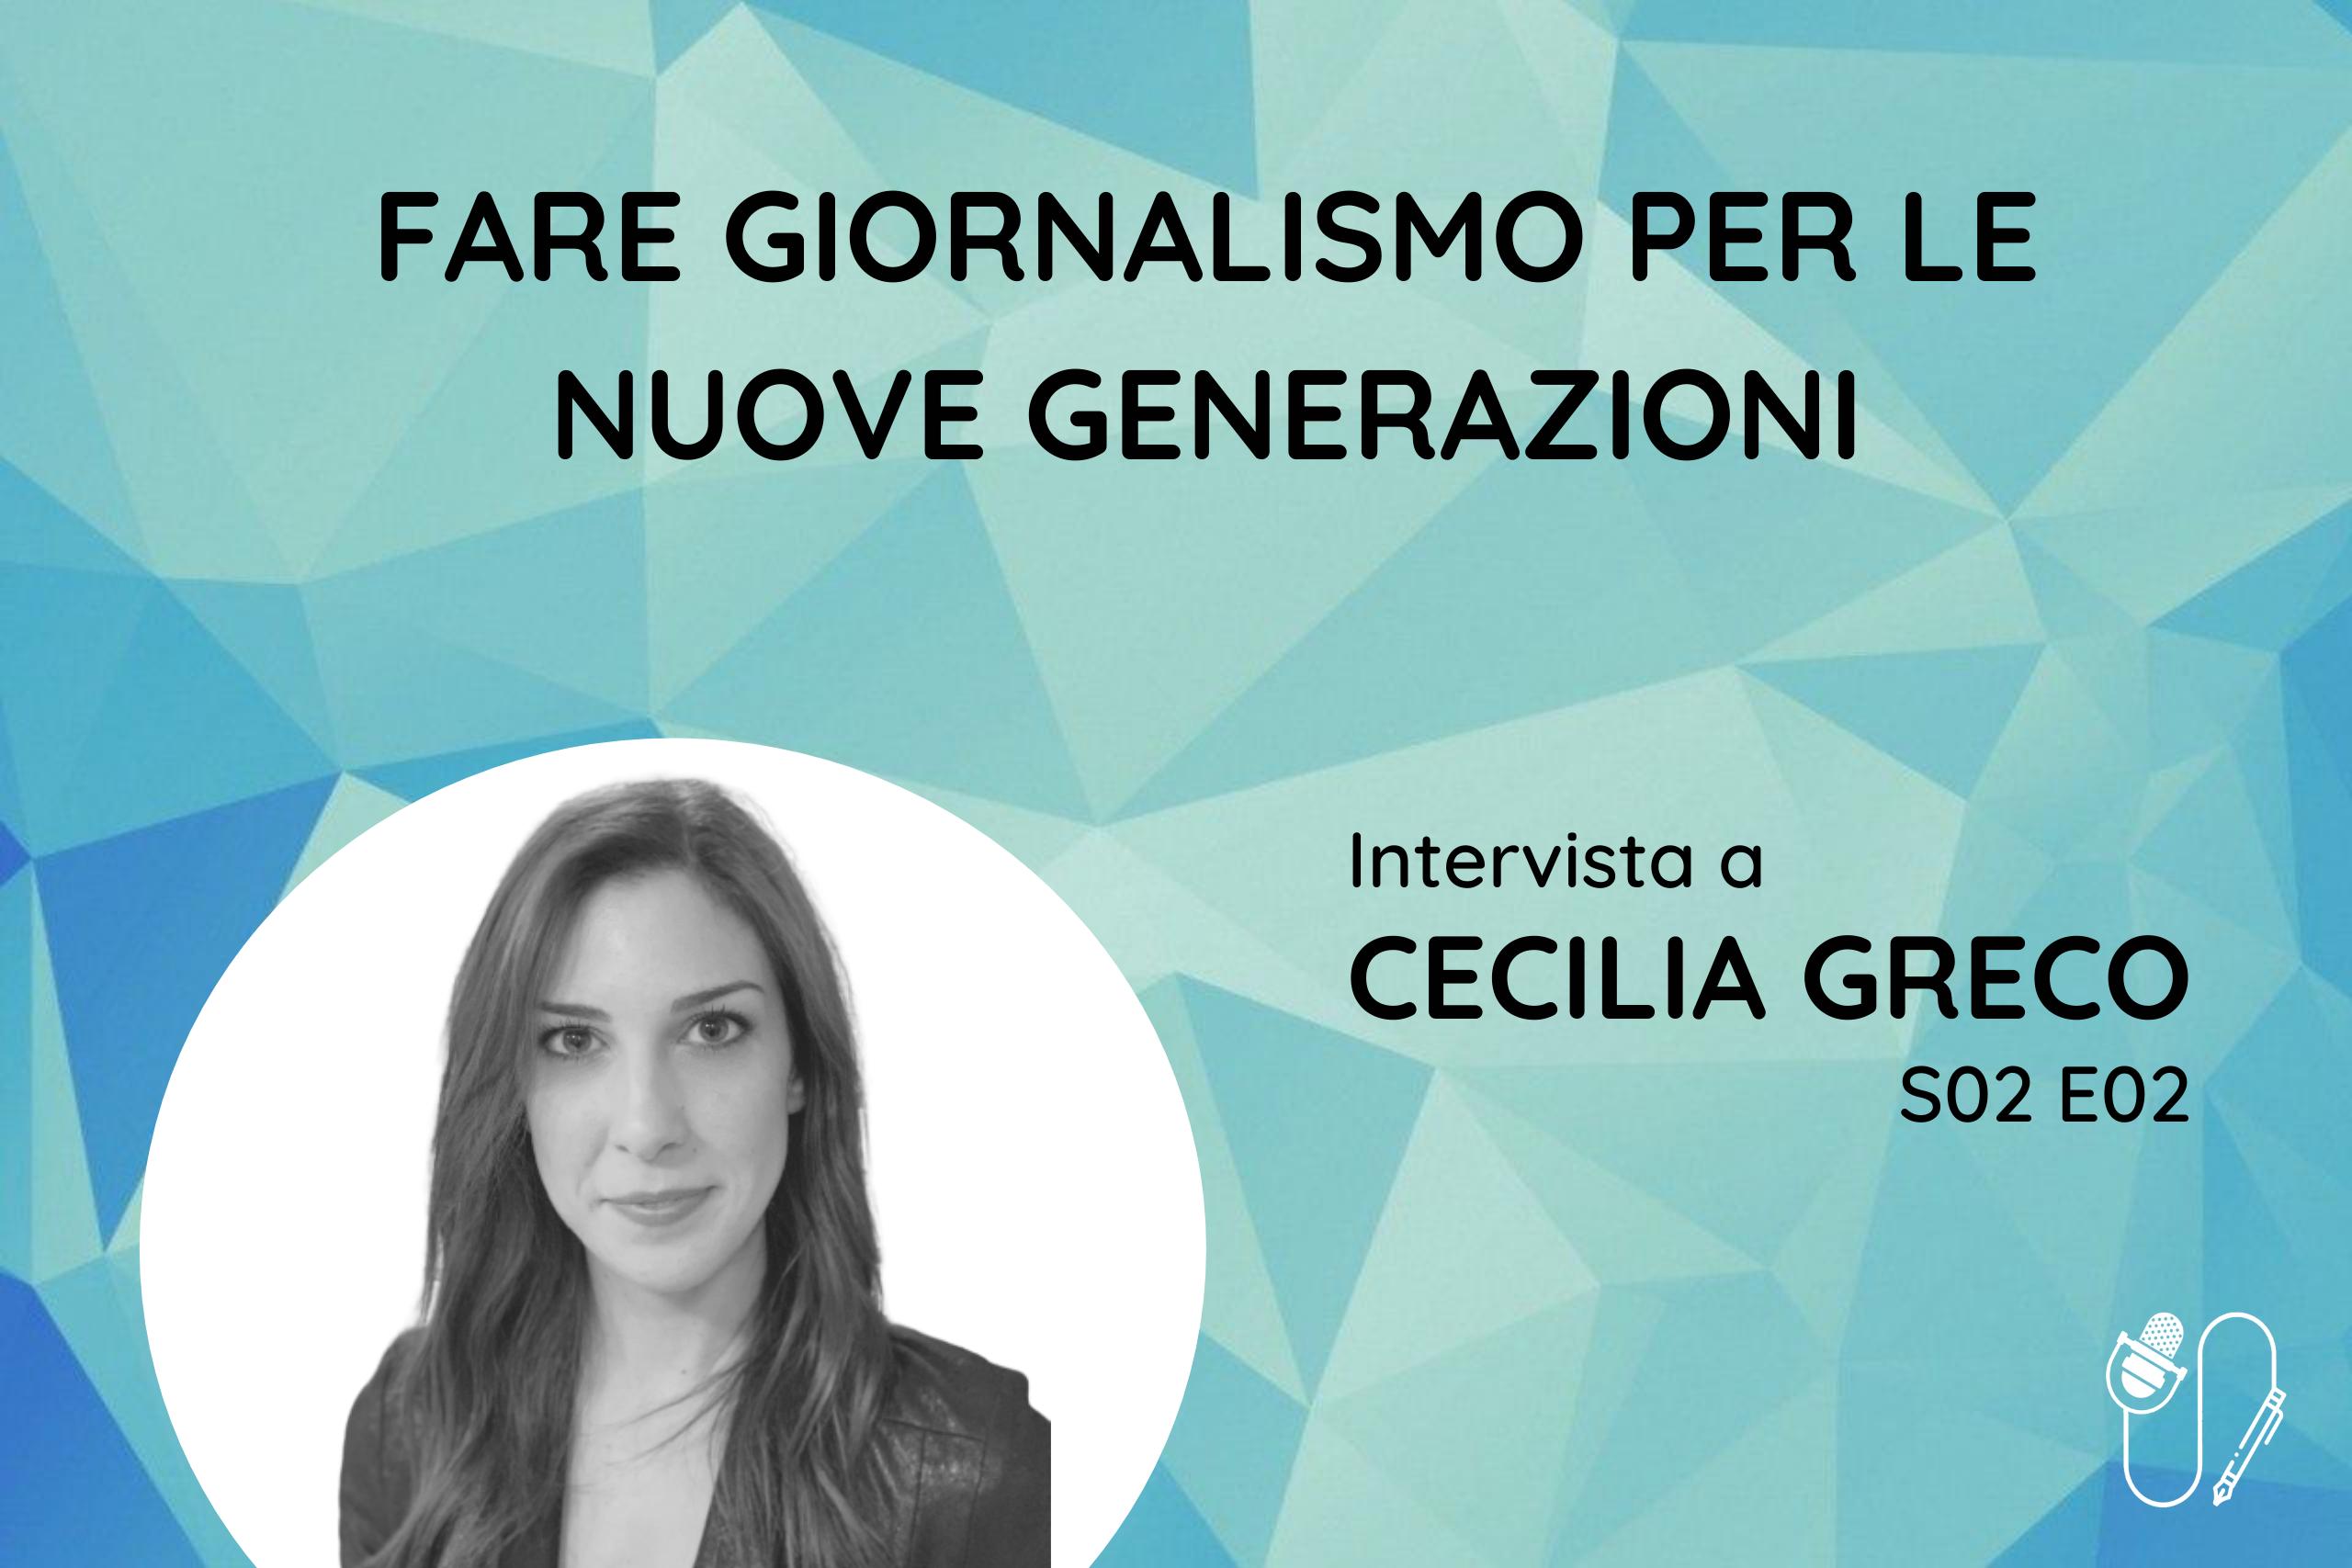 Cecilia Greco